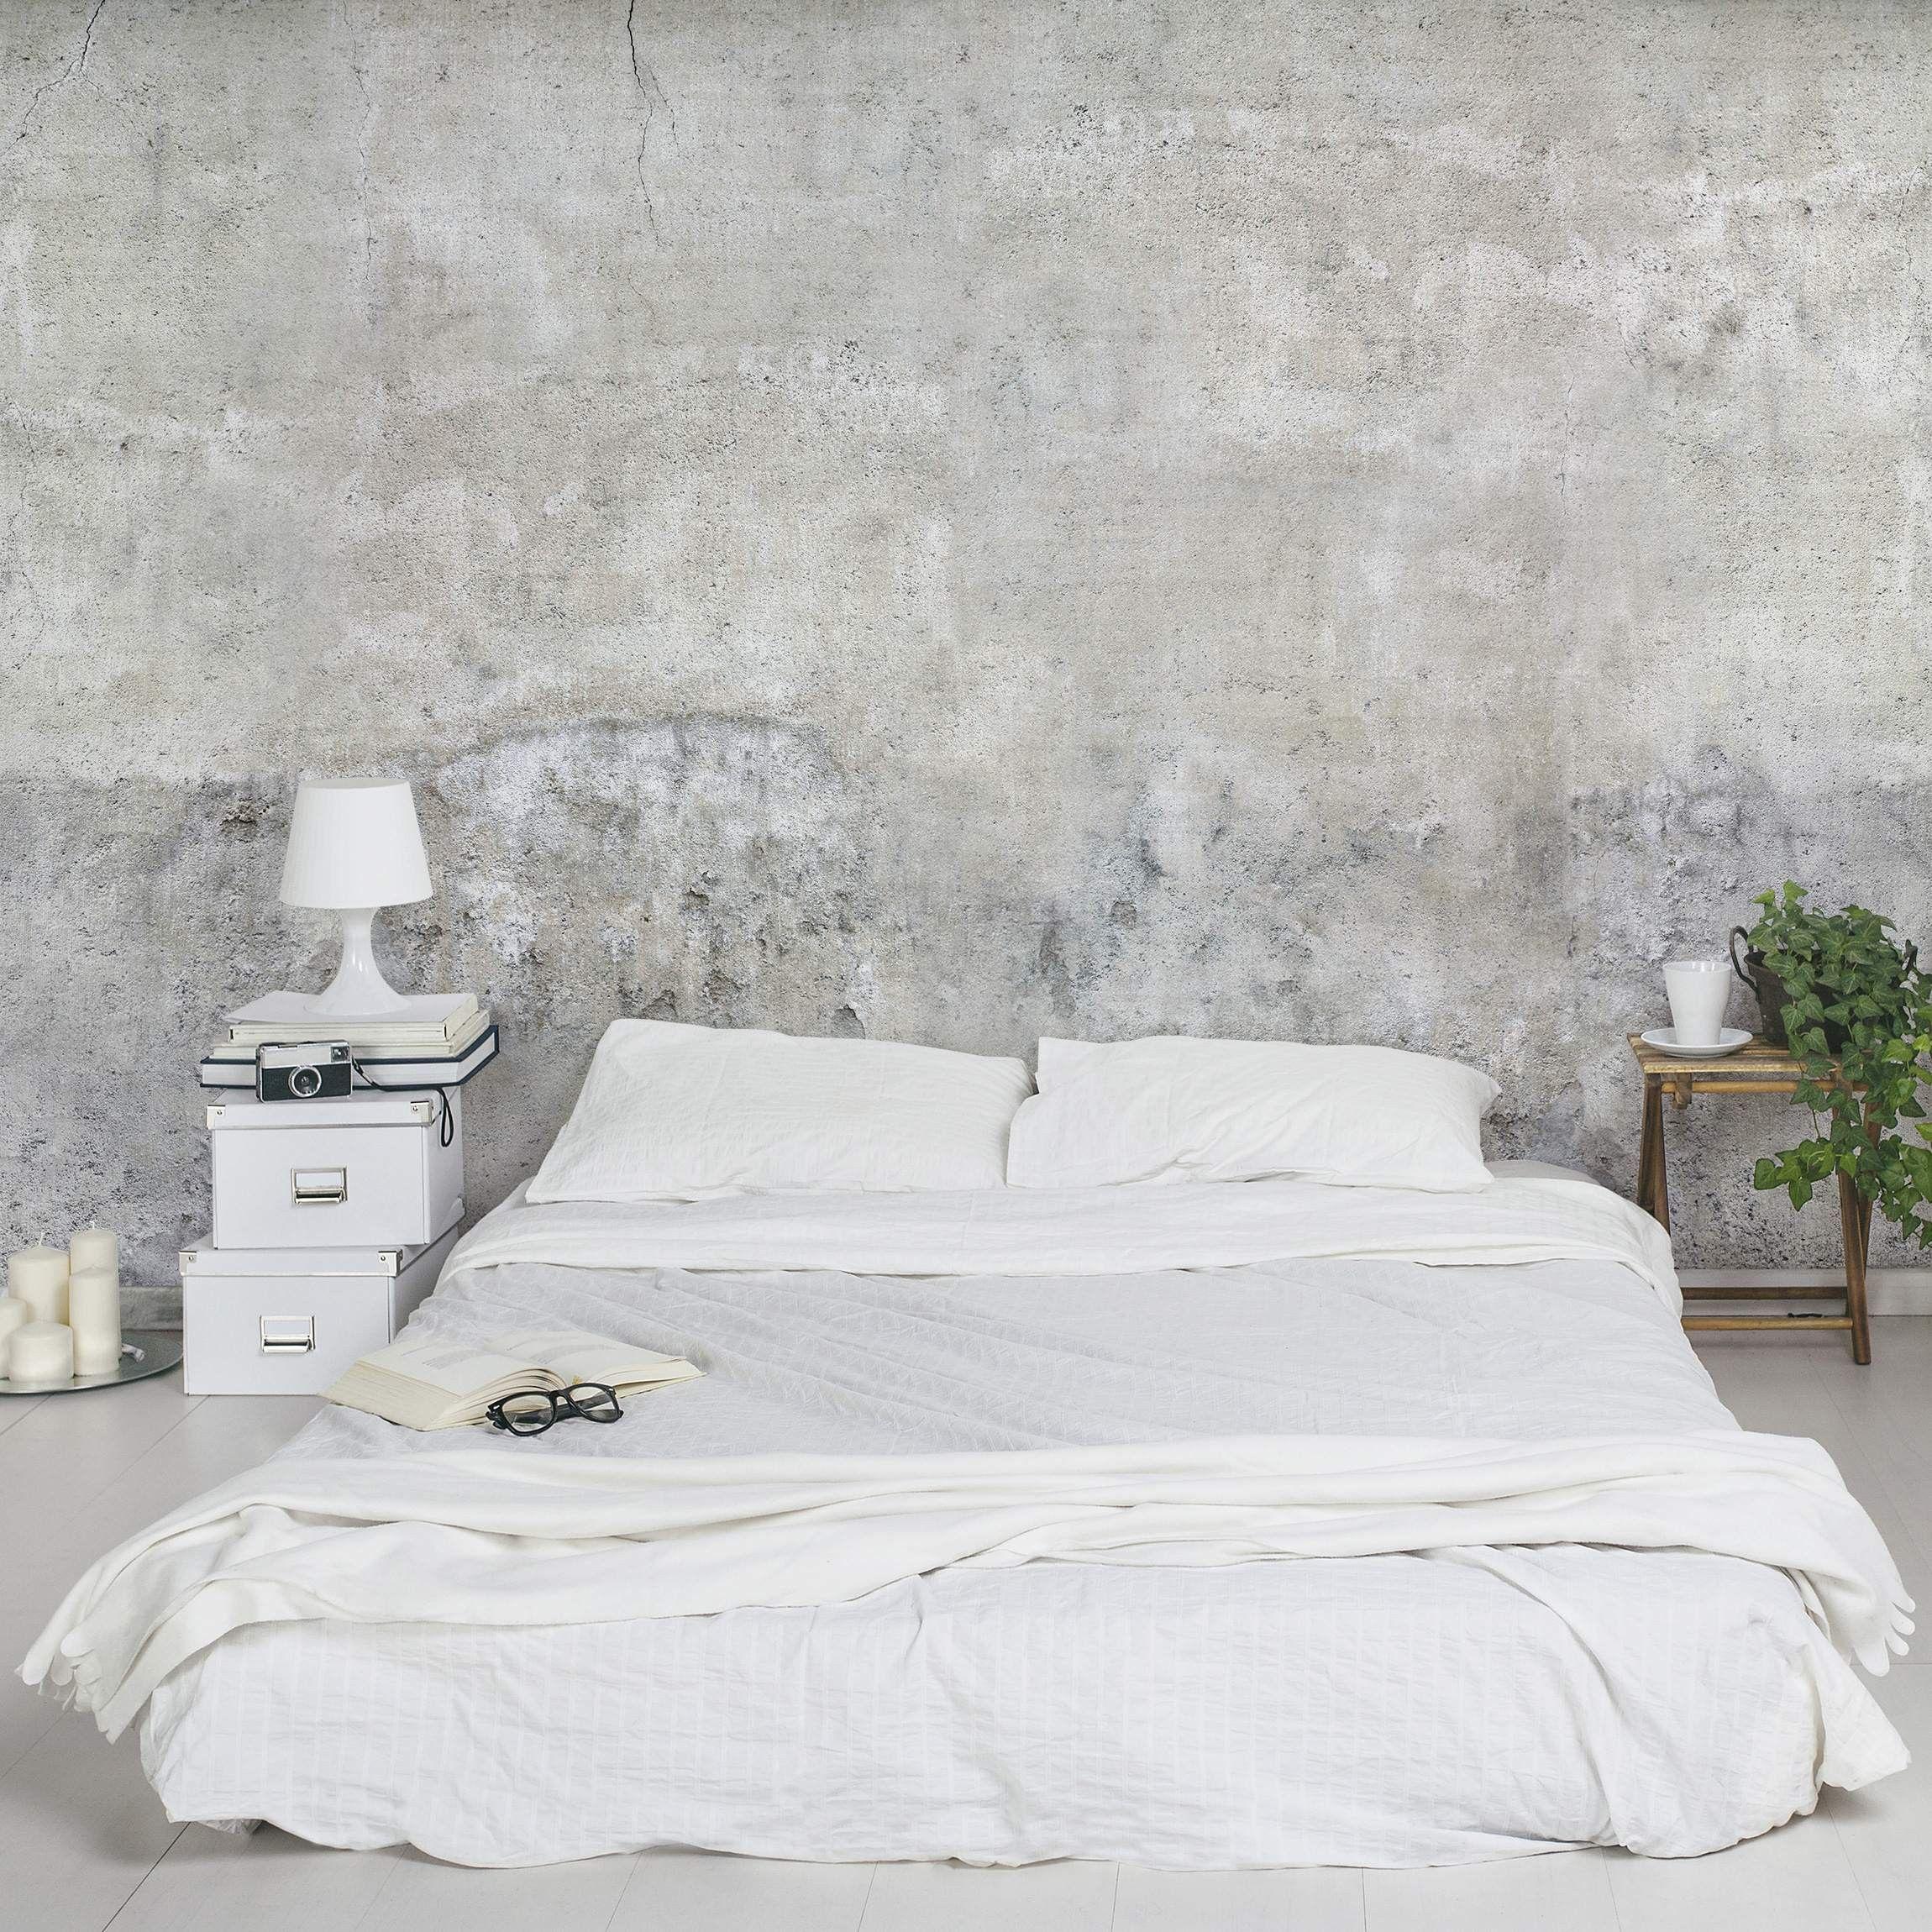 Beton tapete vliestapete shabby betonoptik tapete for Tapeten auf rechnung bestellen